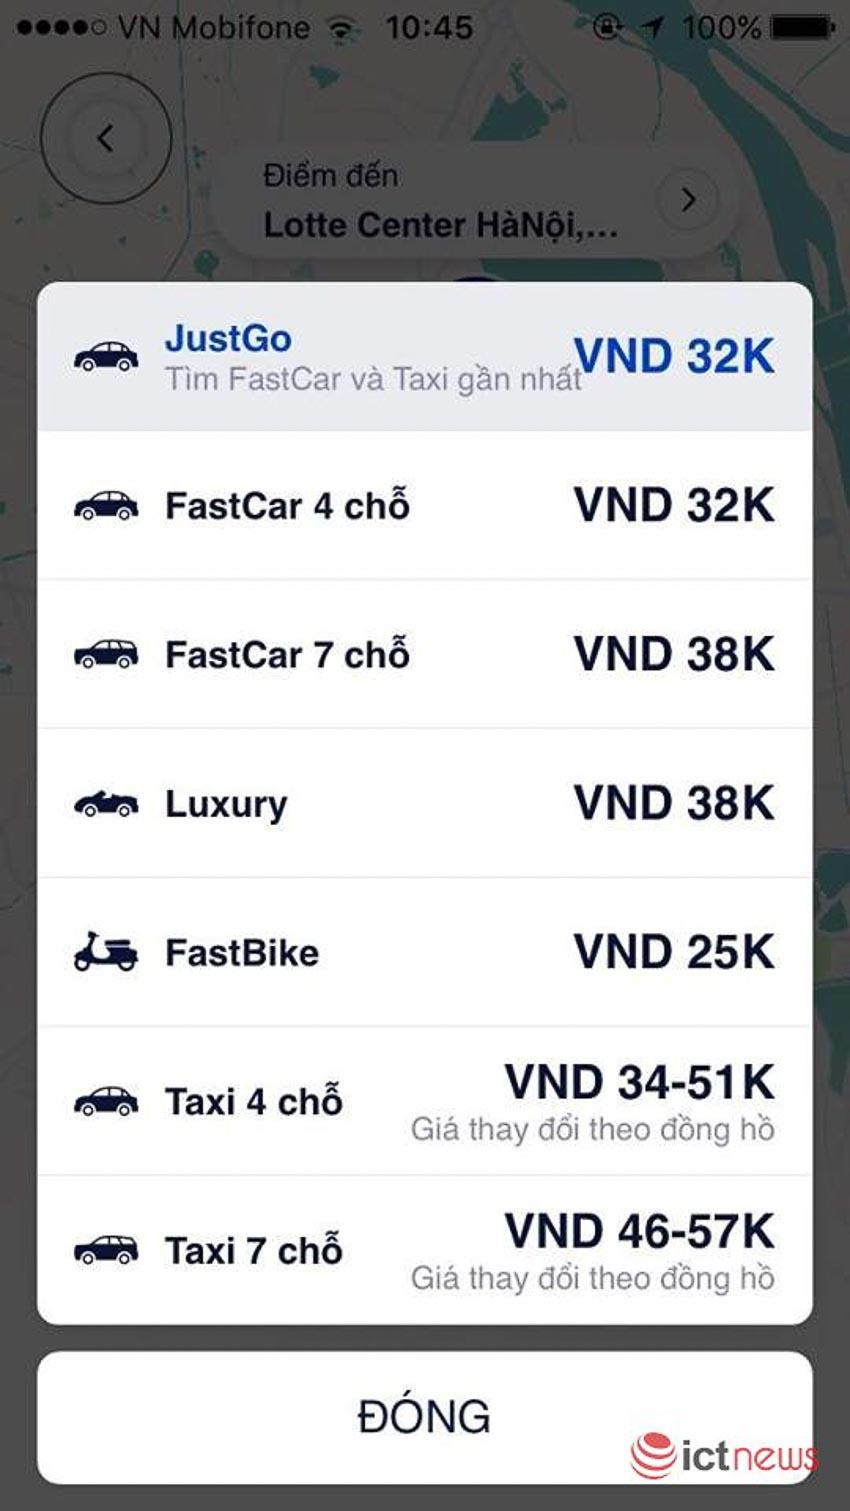 DNP-FastGo-hop-tac-cung-35-hang-taxi-truyen-thong-ra-tinh-nang-JustGo-1